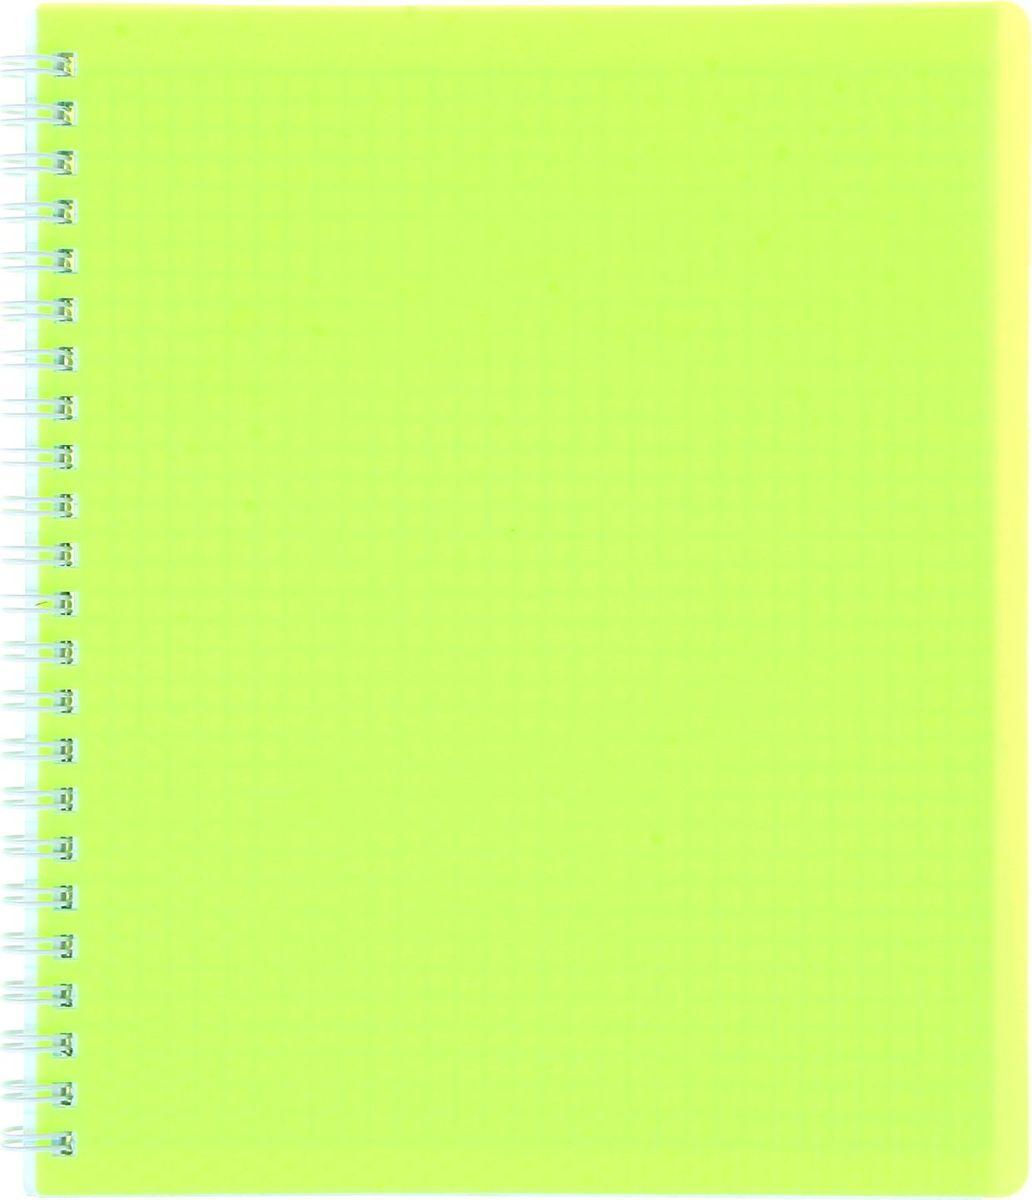 Hatber Тетрадь Diamond Neon 80 листов в клетку цвет желтый неон1020842Тетрадь Hatber Diamond Neon в яркой обложке подойдет как студенту, так и школьнику. Обложка тетради с закругленными углами выполнена из пластика. Внутренний блок состоит из 80 листов белой бумаги. Стандартная линовка в клетку без полей. Способ крепления листов - гребень.